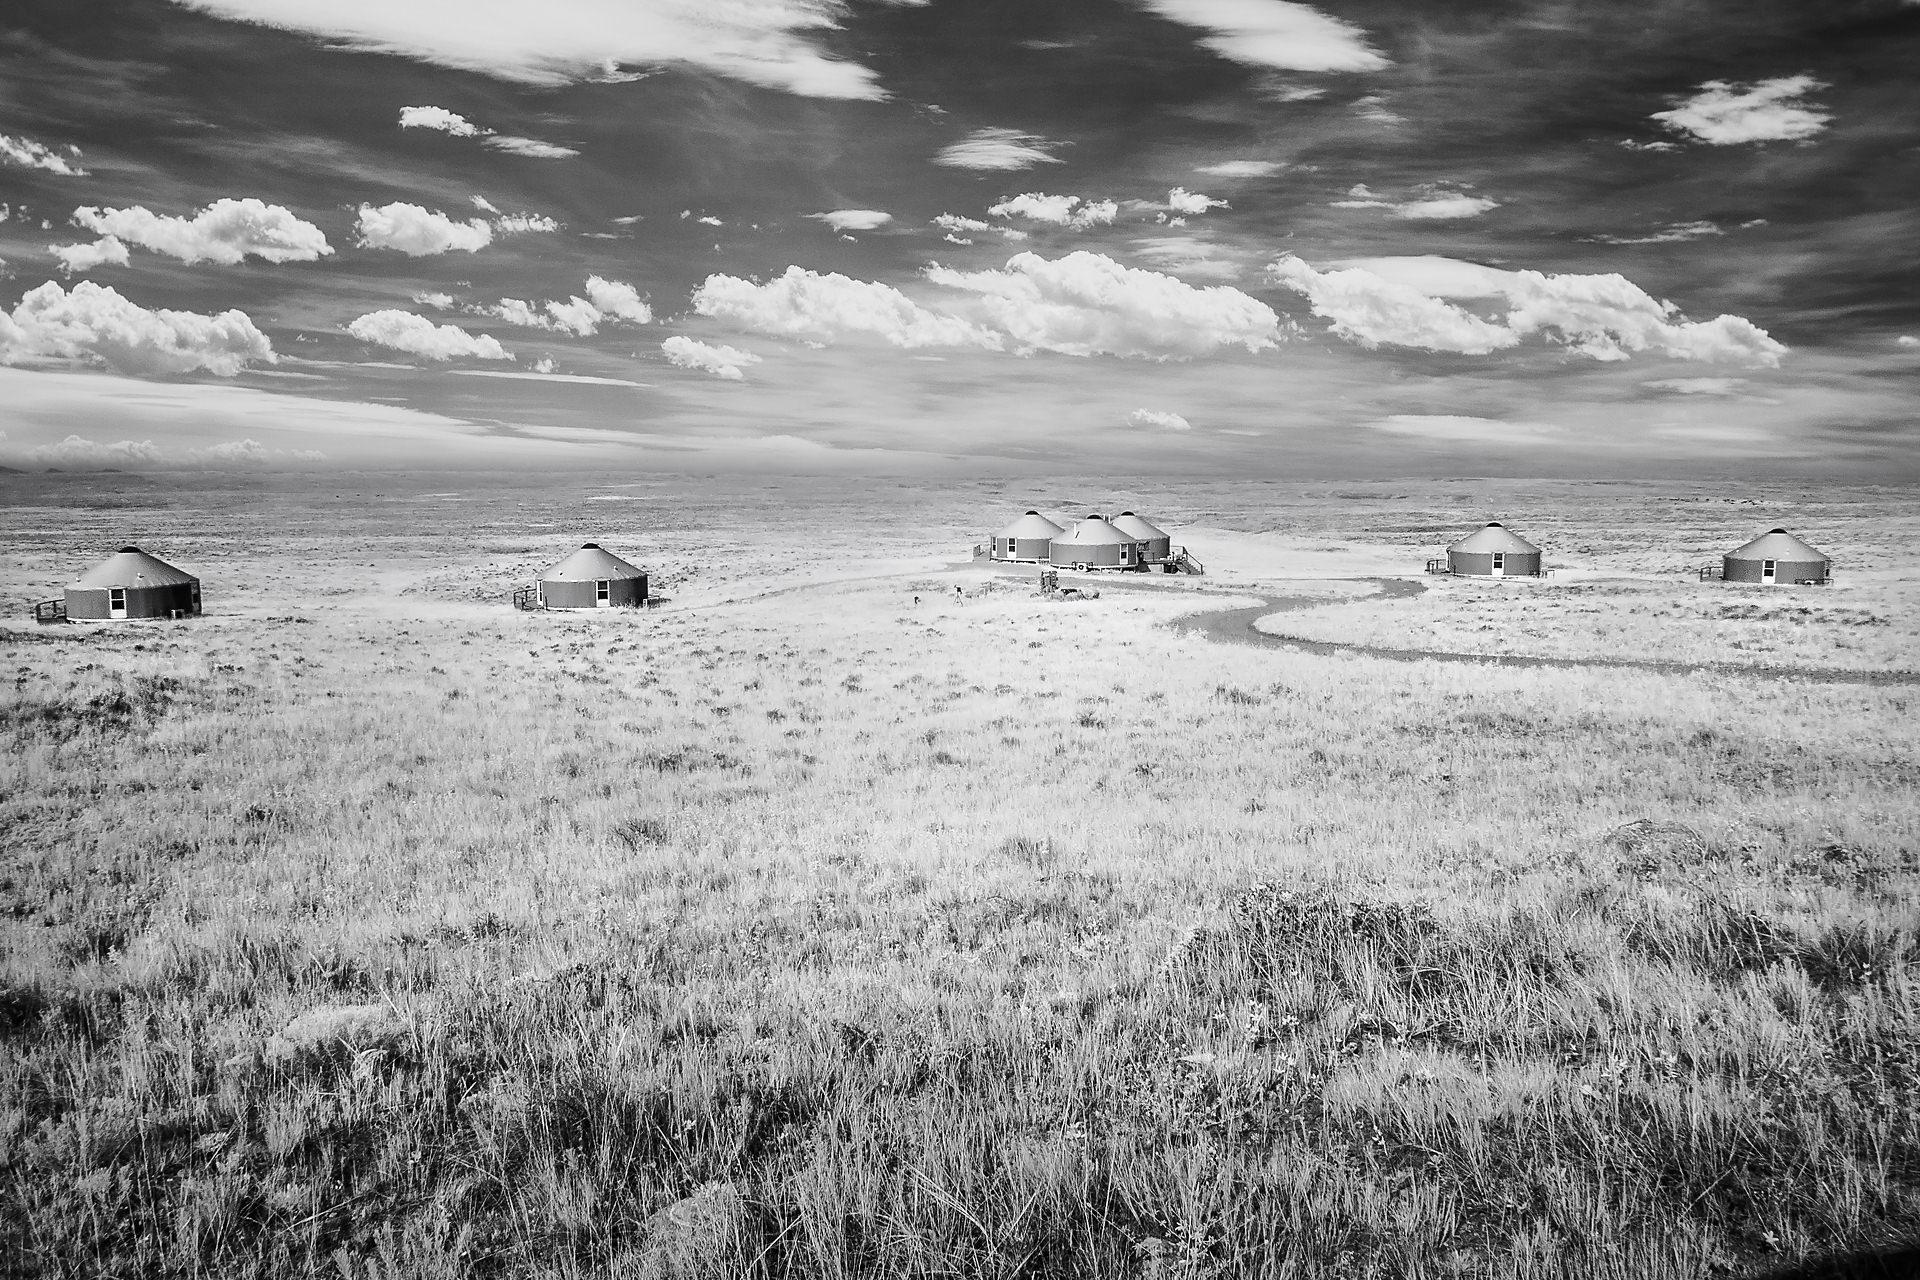 Kestral Camp, American Prairie Reserve, 2015